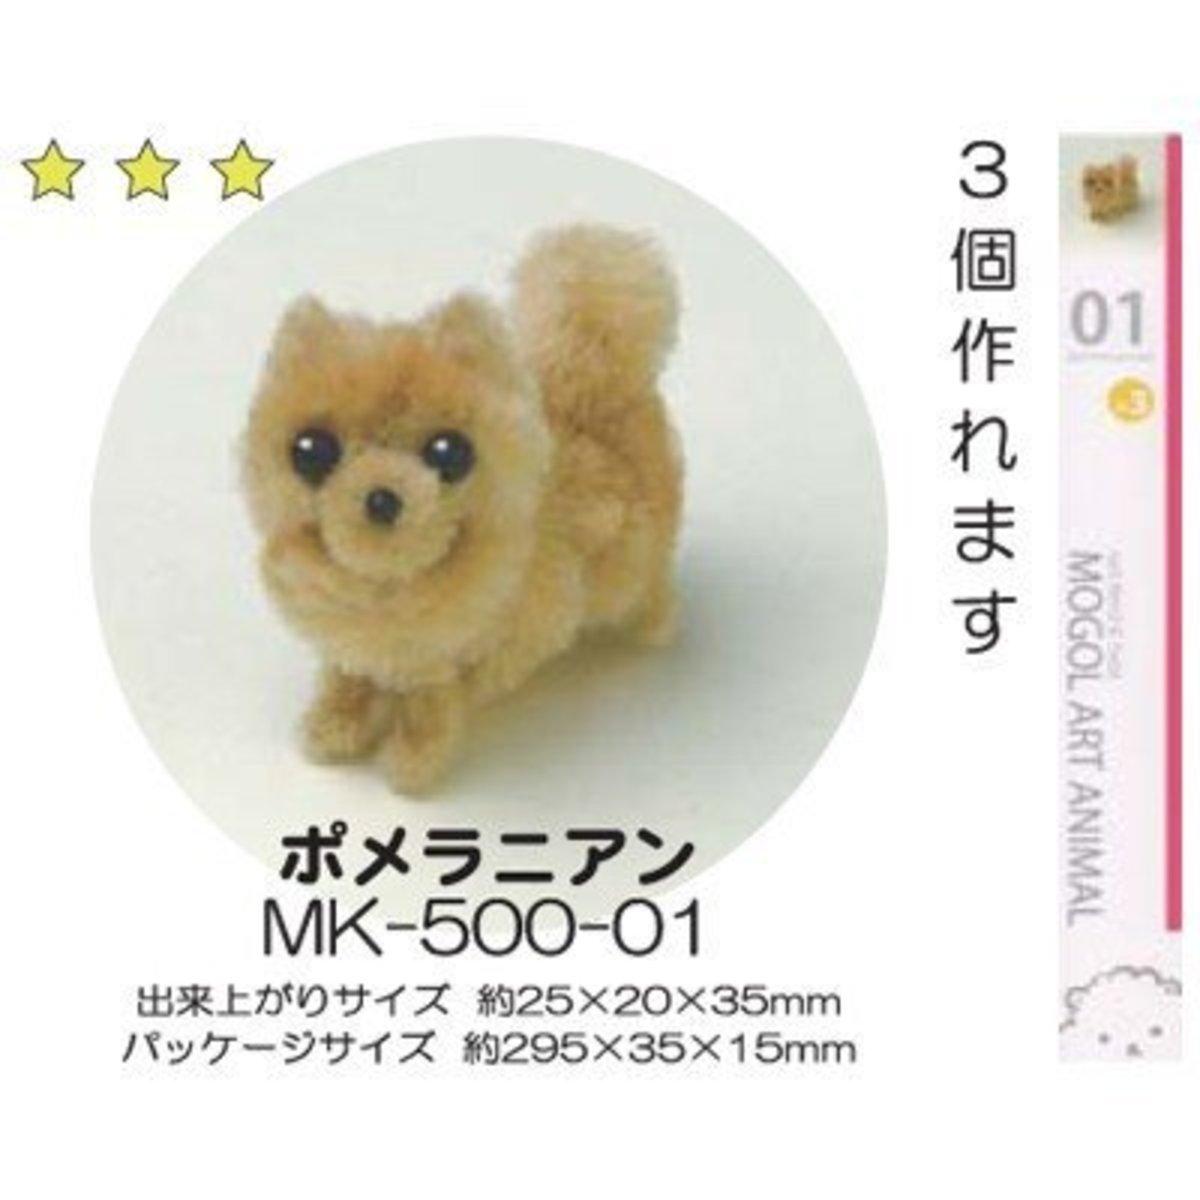 DIY Mini Pomeranian Dog 3's